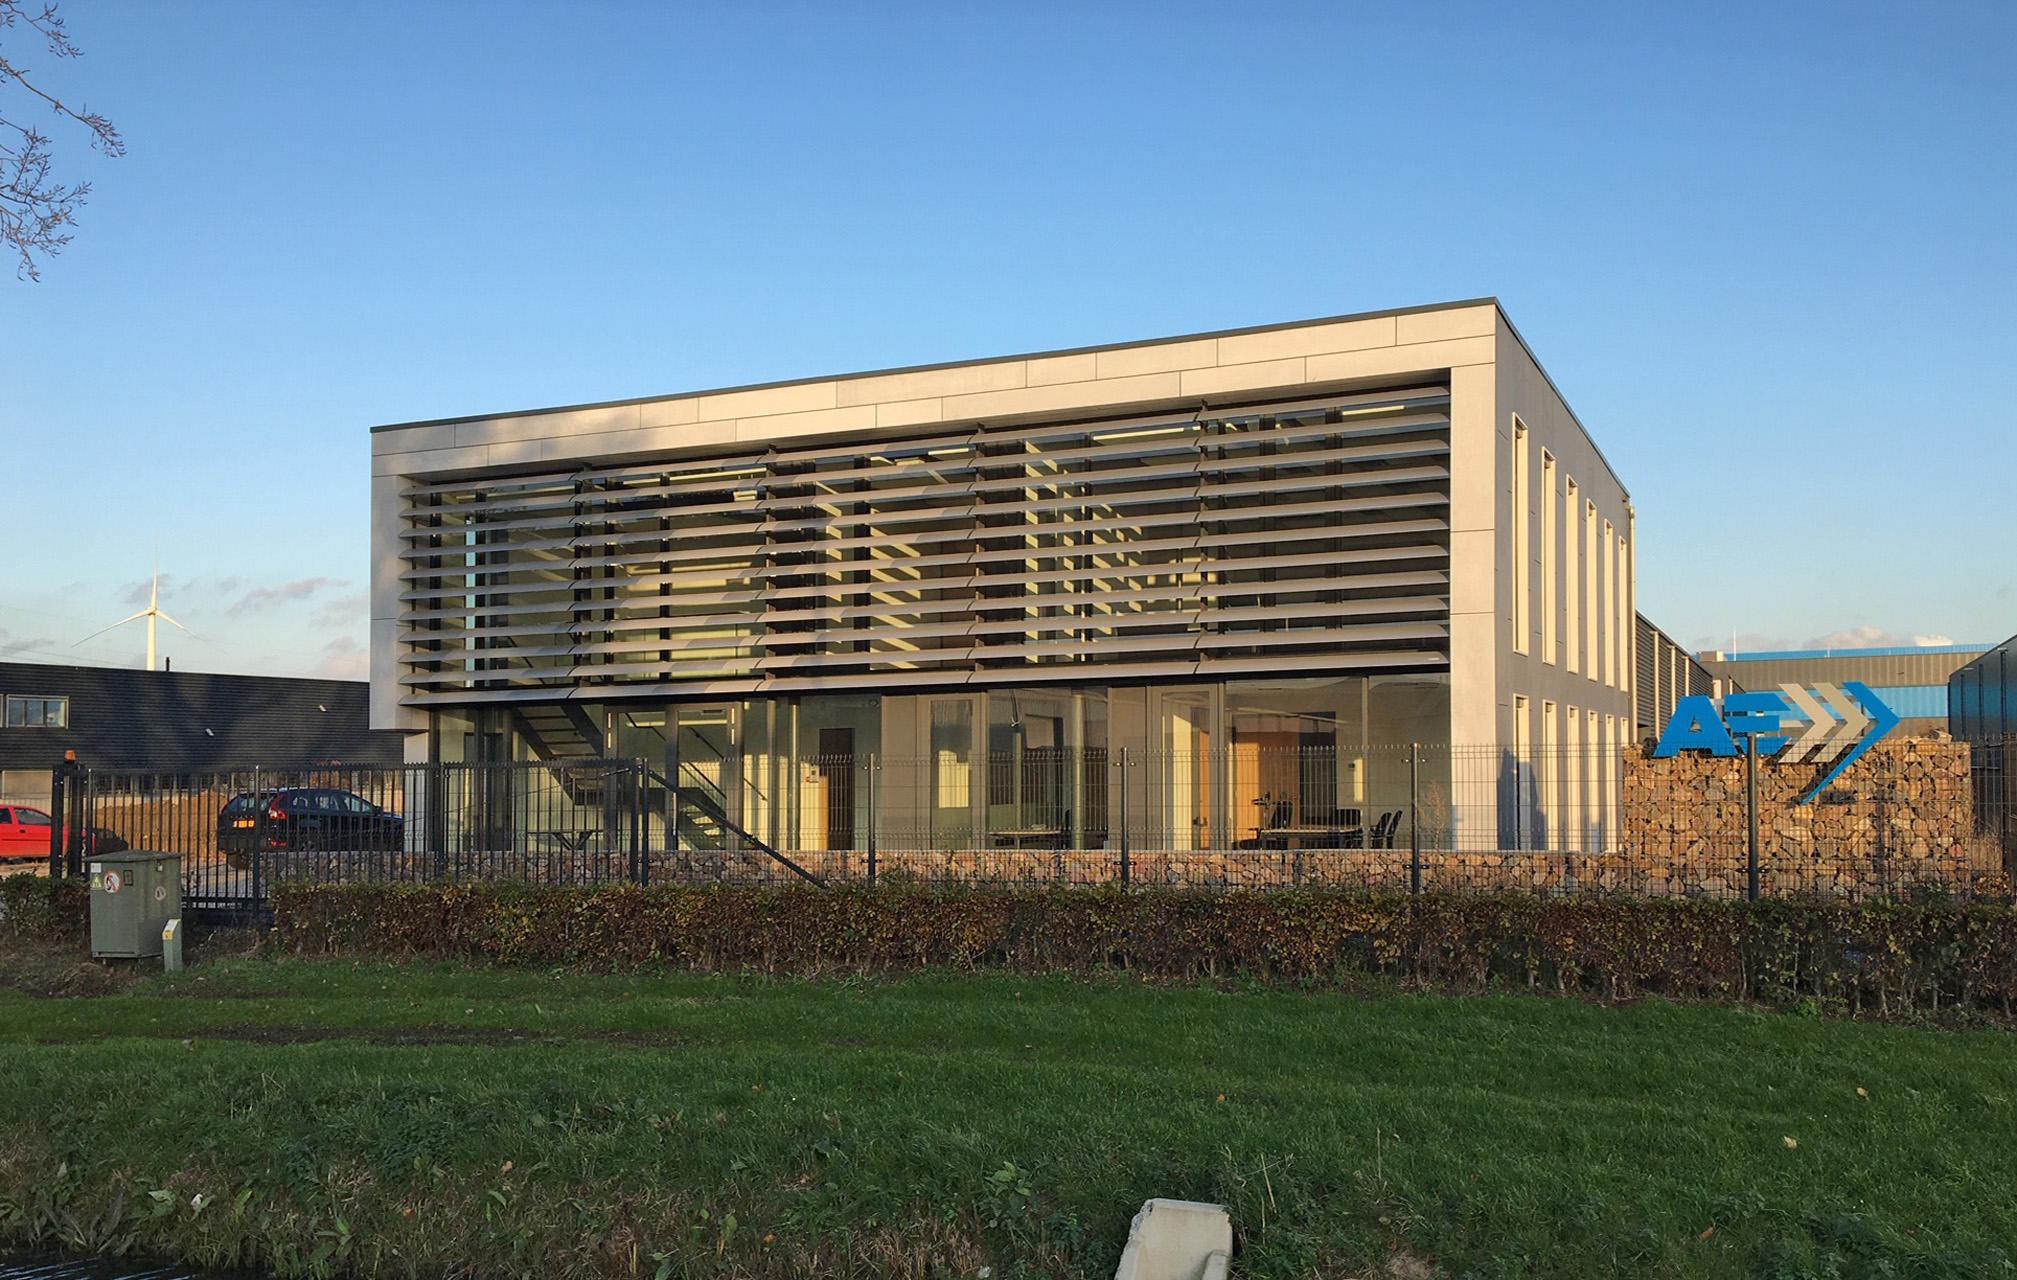 Kantoor & bedrijfshal AE-group, Waalwijk